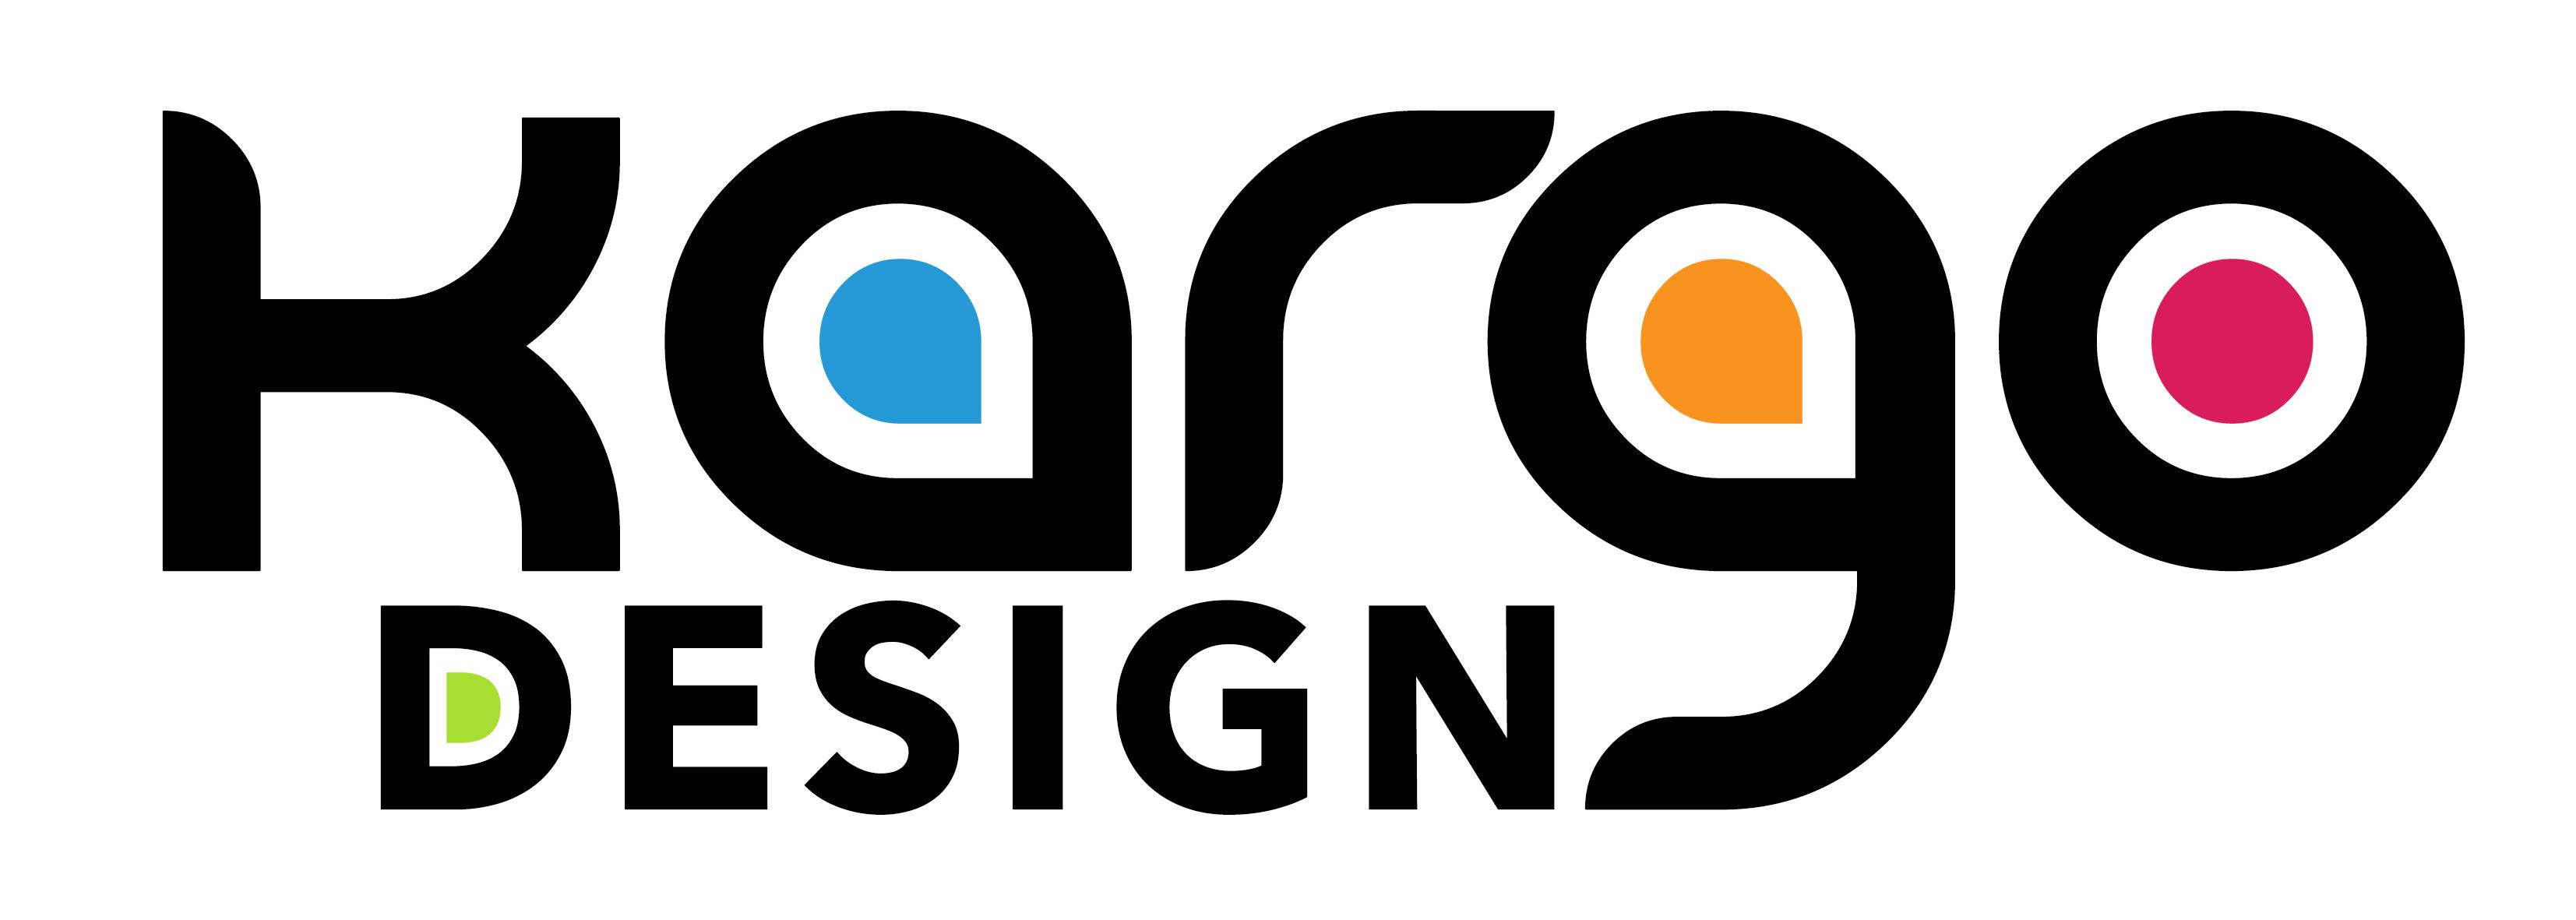 Kargo Design - Web Design Plymouth